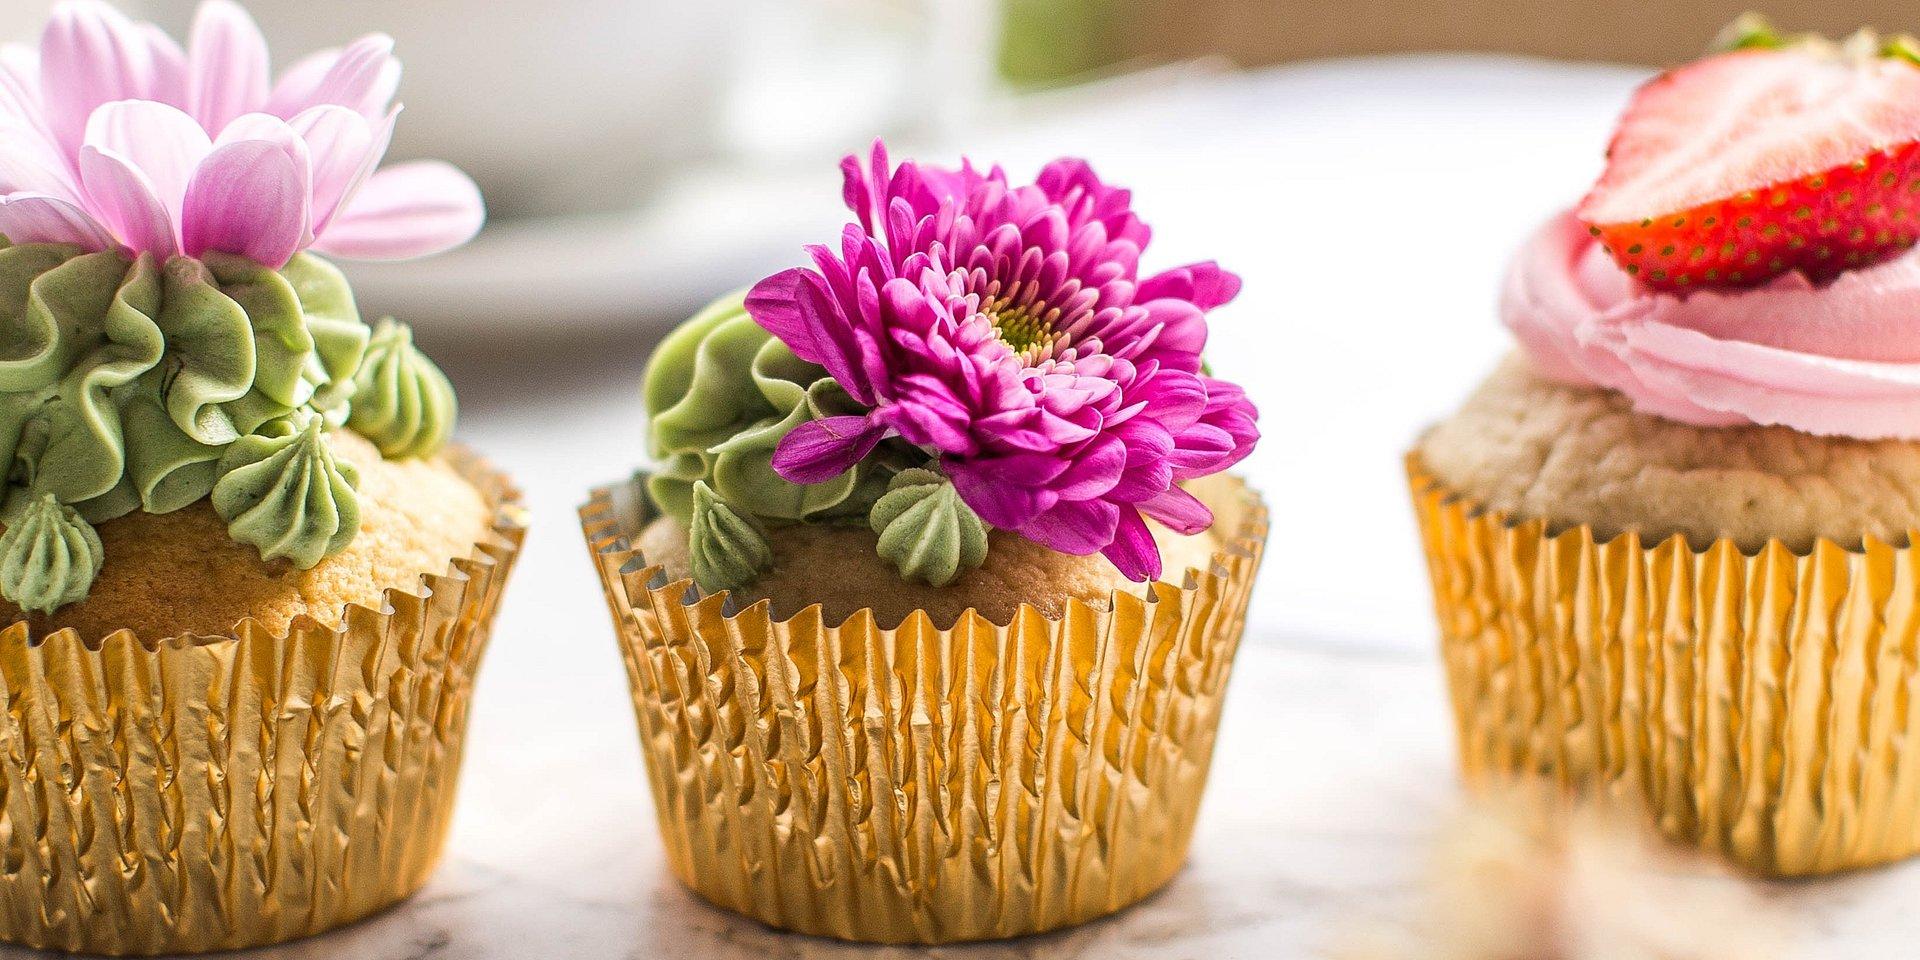 How to make a perfect cupcake?